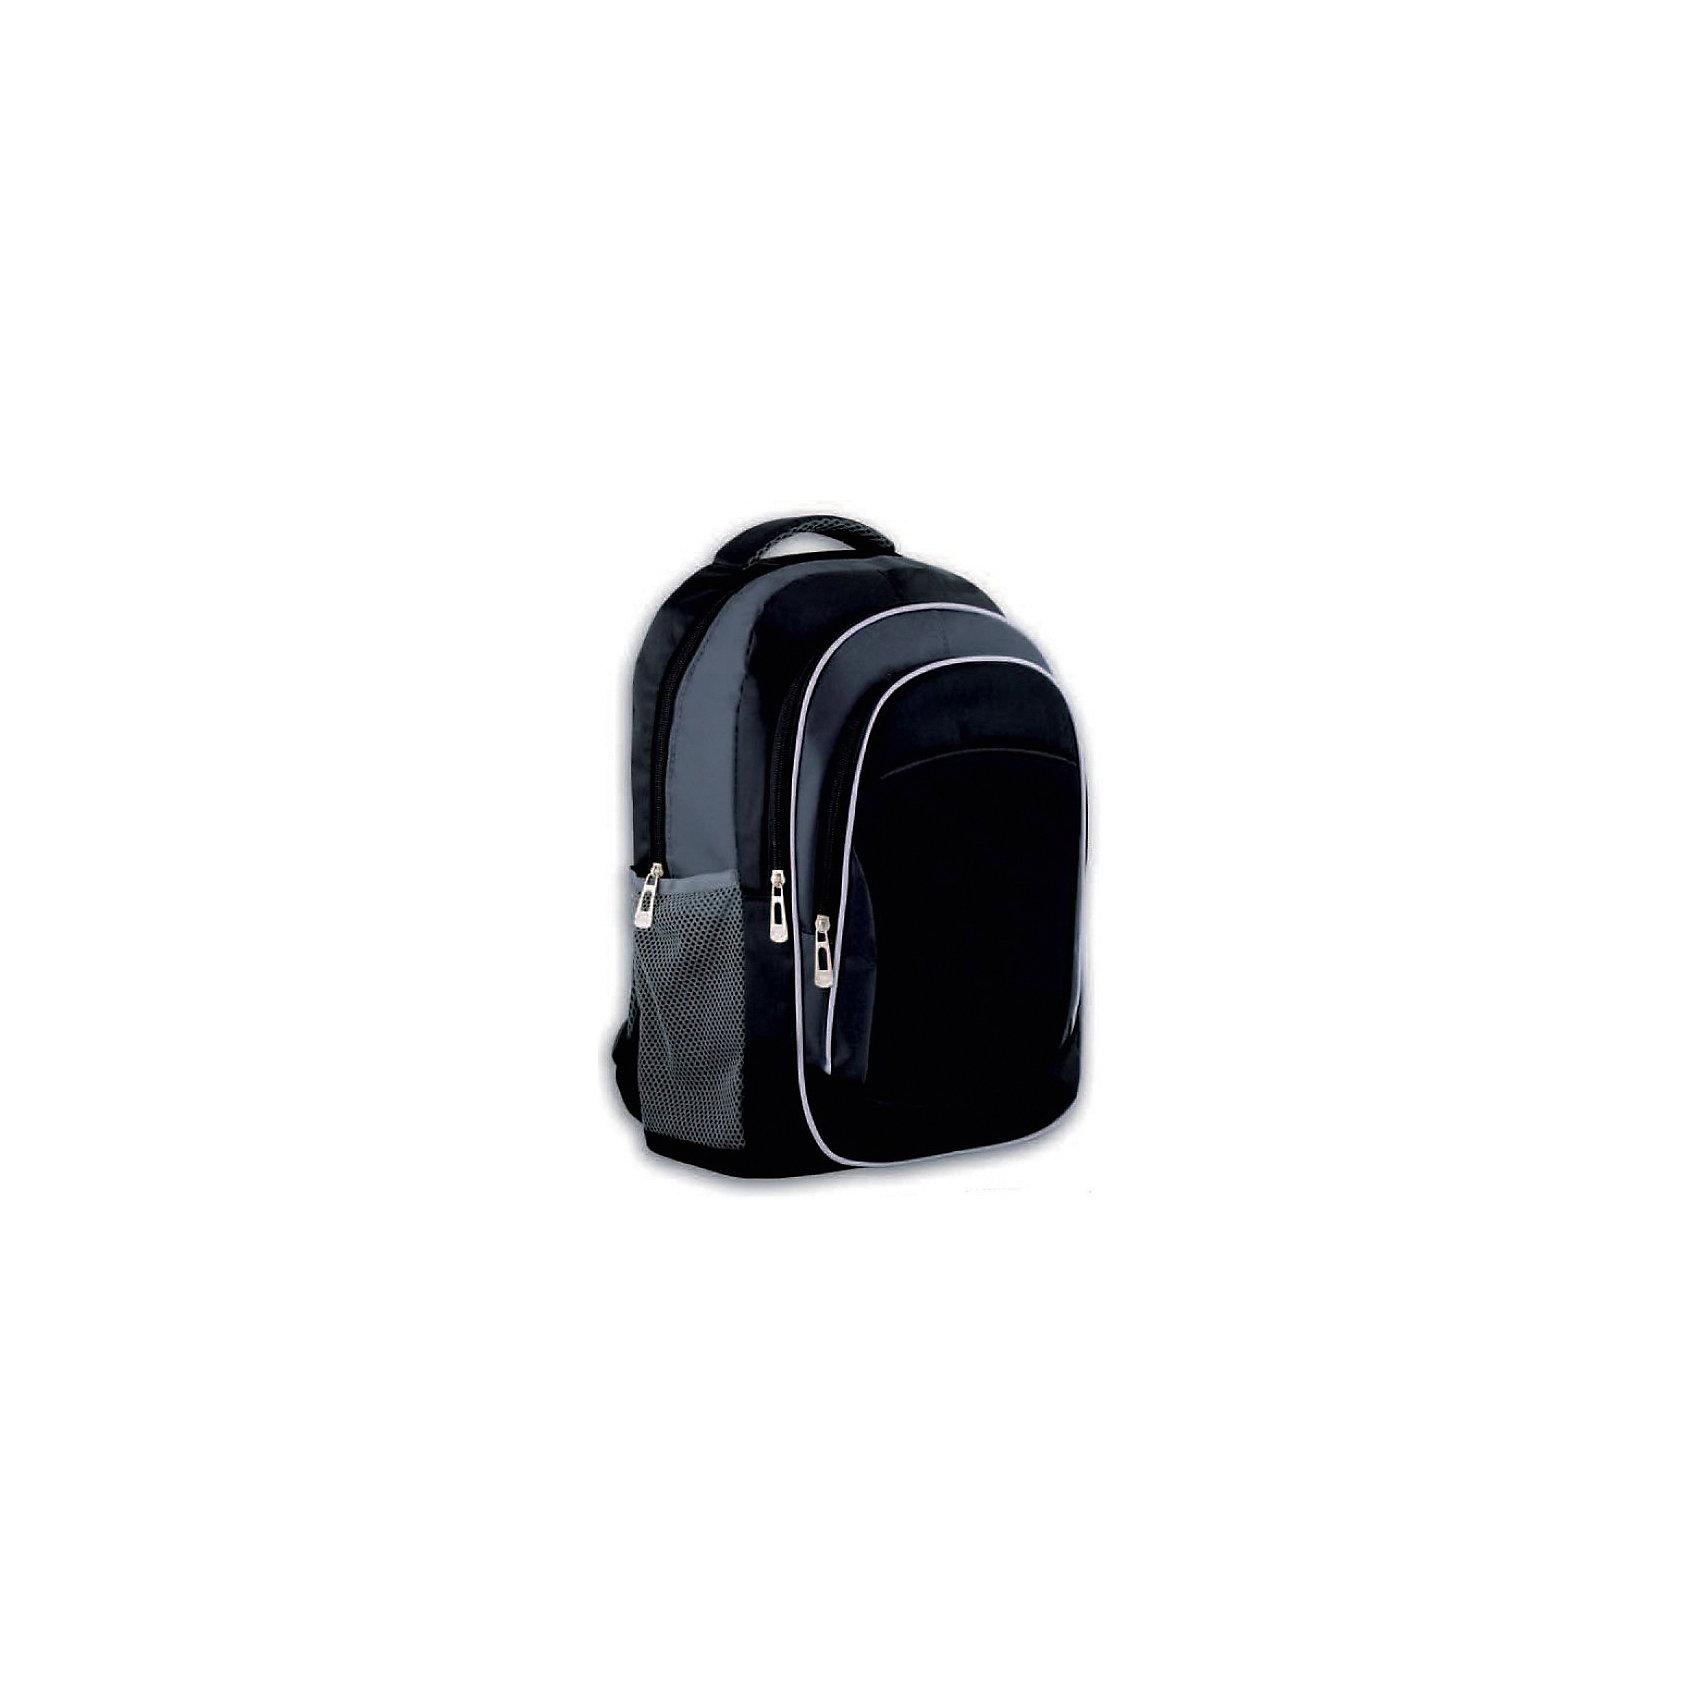 Рюкзак молодежный Феникс+, черный + серыйРюкзаки<br>Рюкзак молодежный ЧЕРНЫЙ + СЕРЫЙ (44х31х13см, полиэстер, светоотраж. элементы, уплотн. лямки с регулировкой, 2 фронт. и 2 бок. кармана, индив. ПЭТ-пакет)<br><br>Ширина мм: 450<br>Глубина мм: 290<br>Высота мм: 25<br>Вес г: 425<br>Возраст от месяцев: 72<br>Возраст до месяцев: 2147483647<br>Пол: Унисекс<br>Возраст: Детский<br>SKU: 7046421